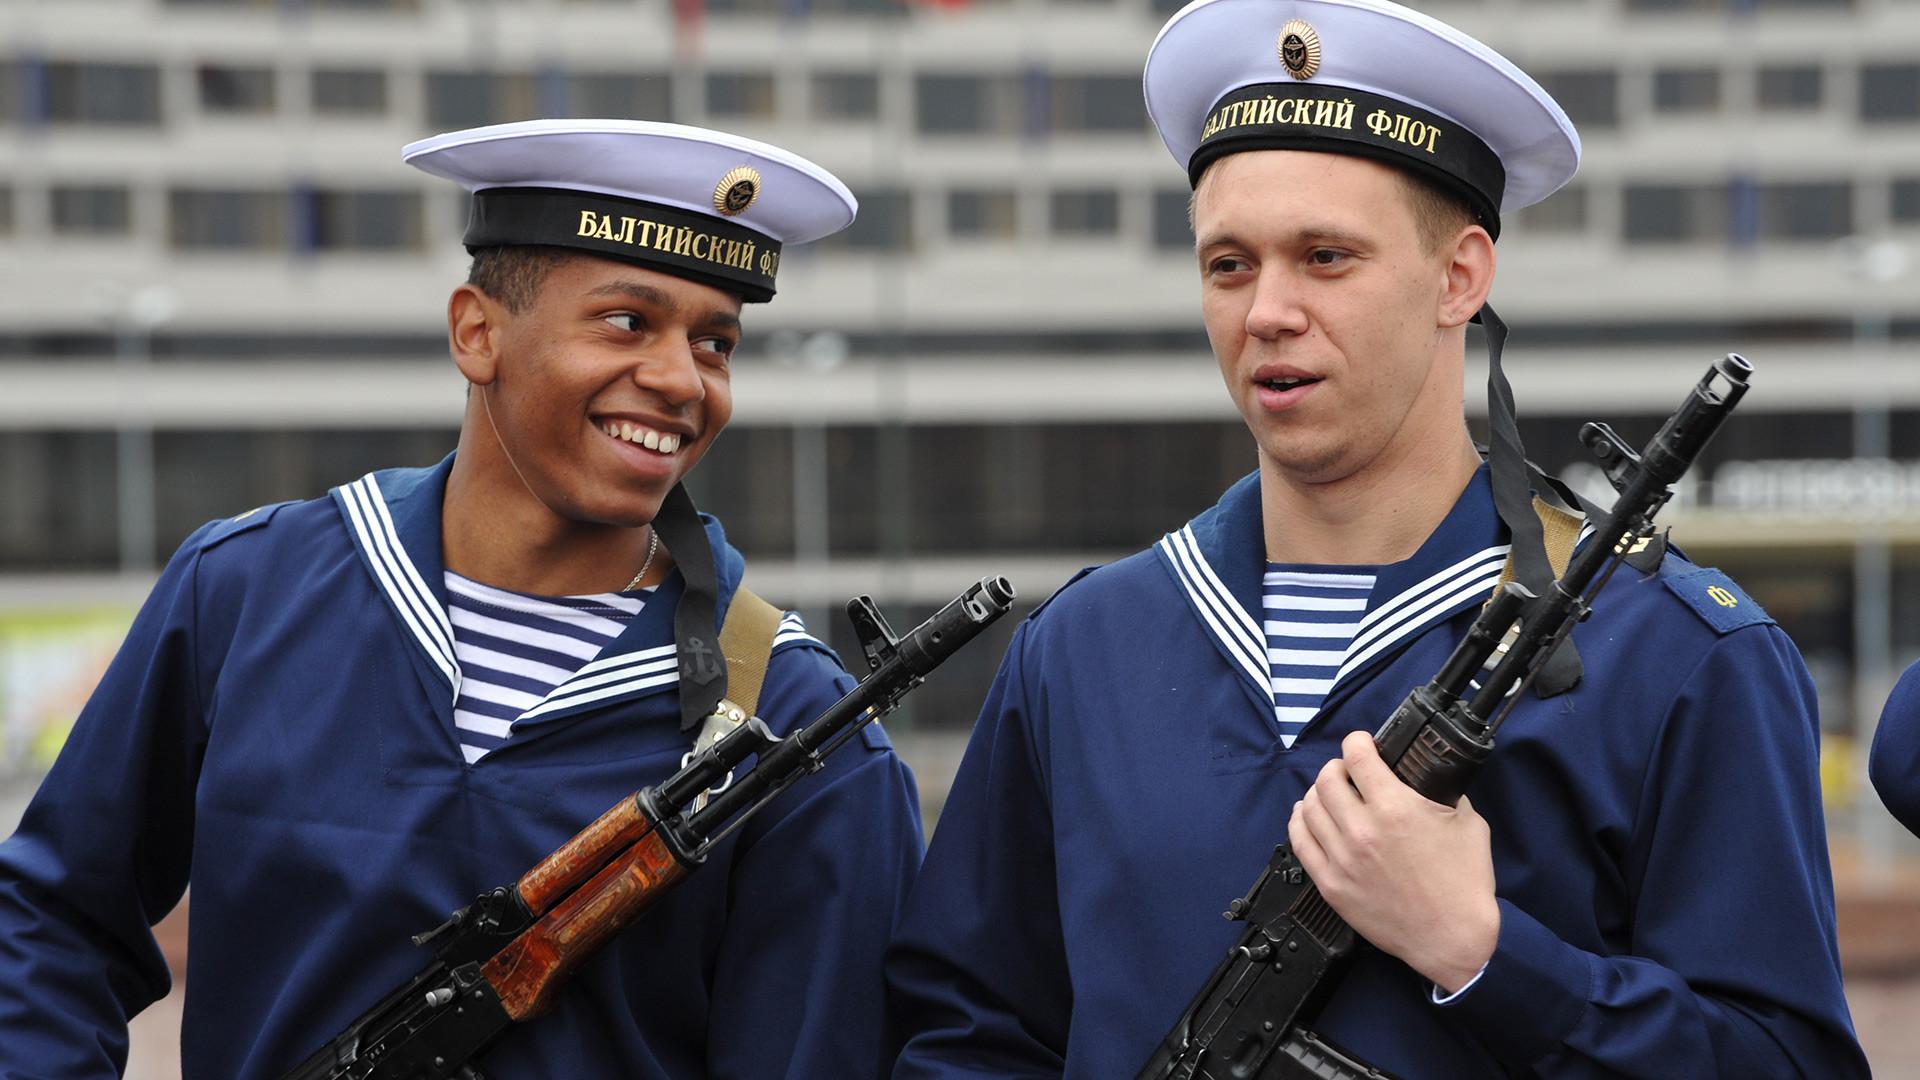 Tudo o que um estrangeiro precisa saber para se tornar soldado nas Forças Armadas da Rússia